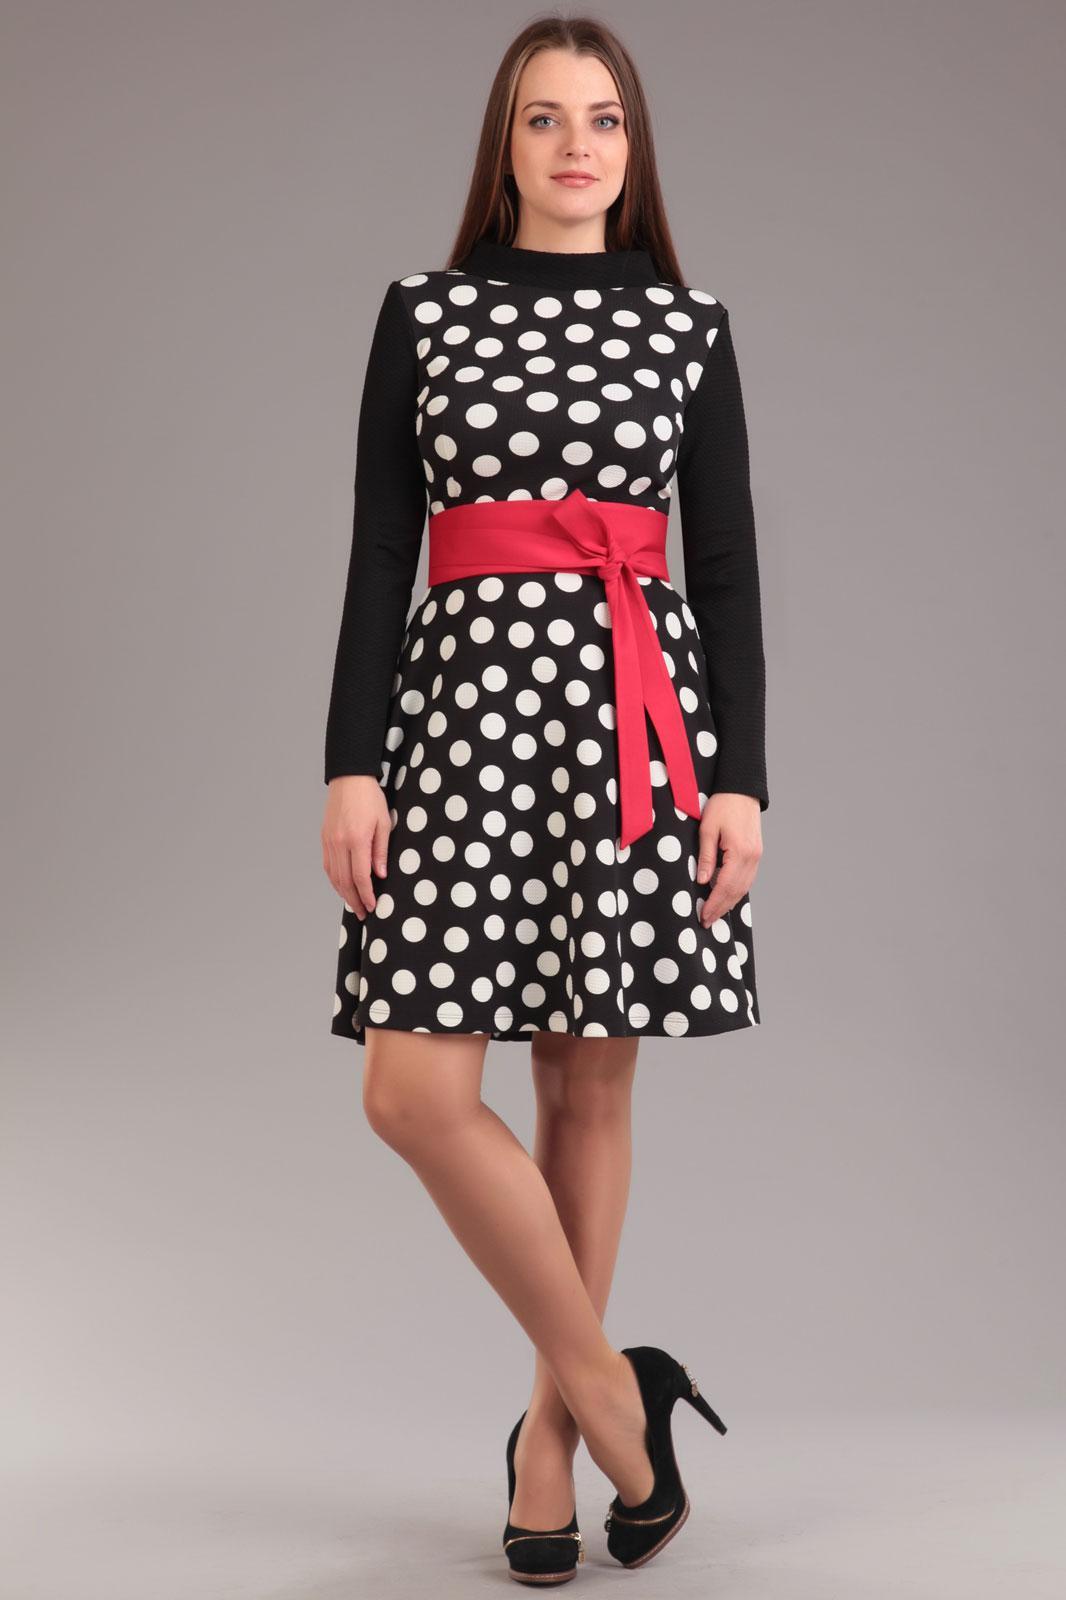 Купить Платье Ива, 759 горохи, Беларусь